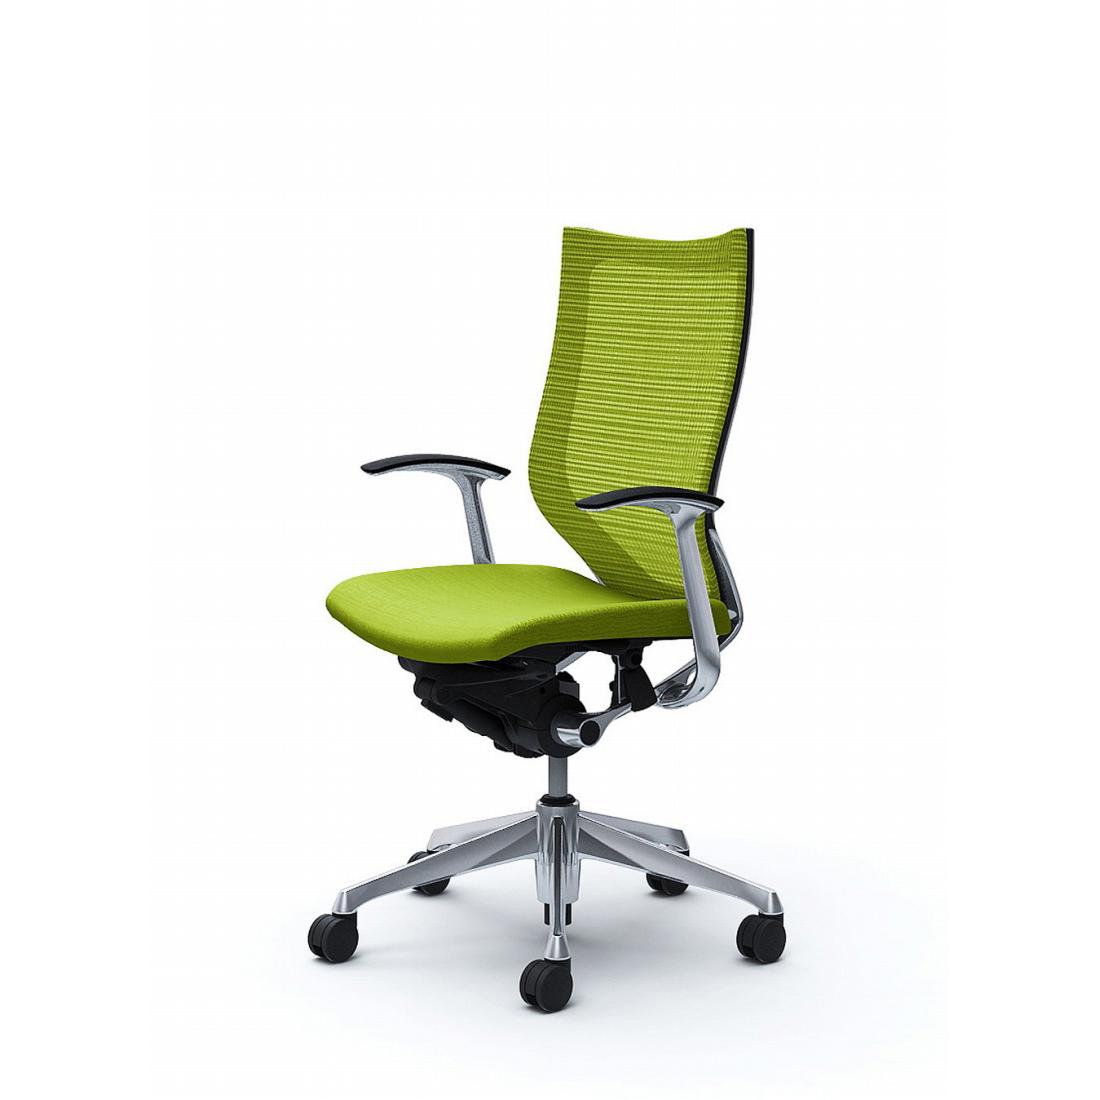 バロン CP45BR Baron【ハイバック】ポリッシュフレーム クッションシート デザインアーム オフィスチェア オカムラ(代引き不可)【送料無料】